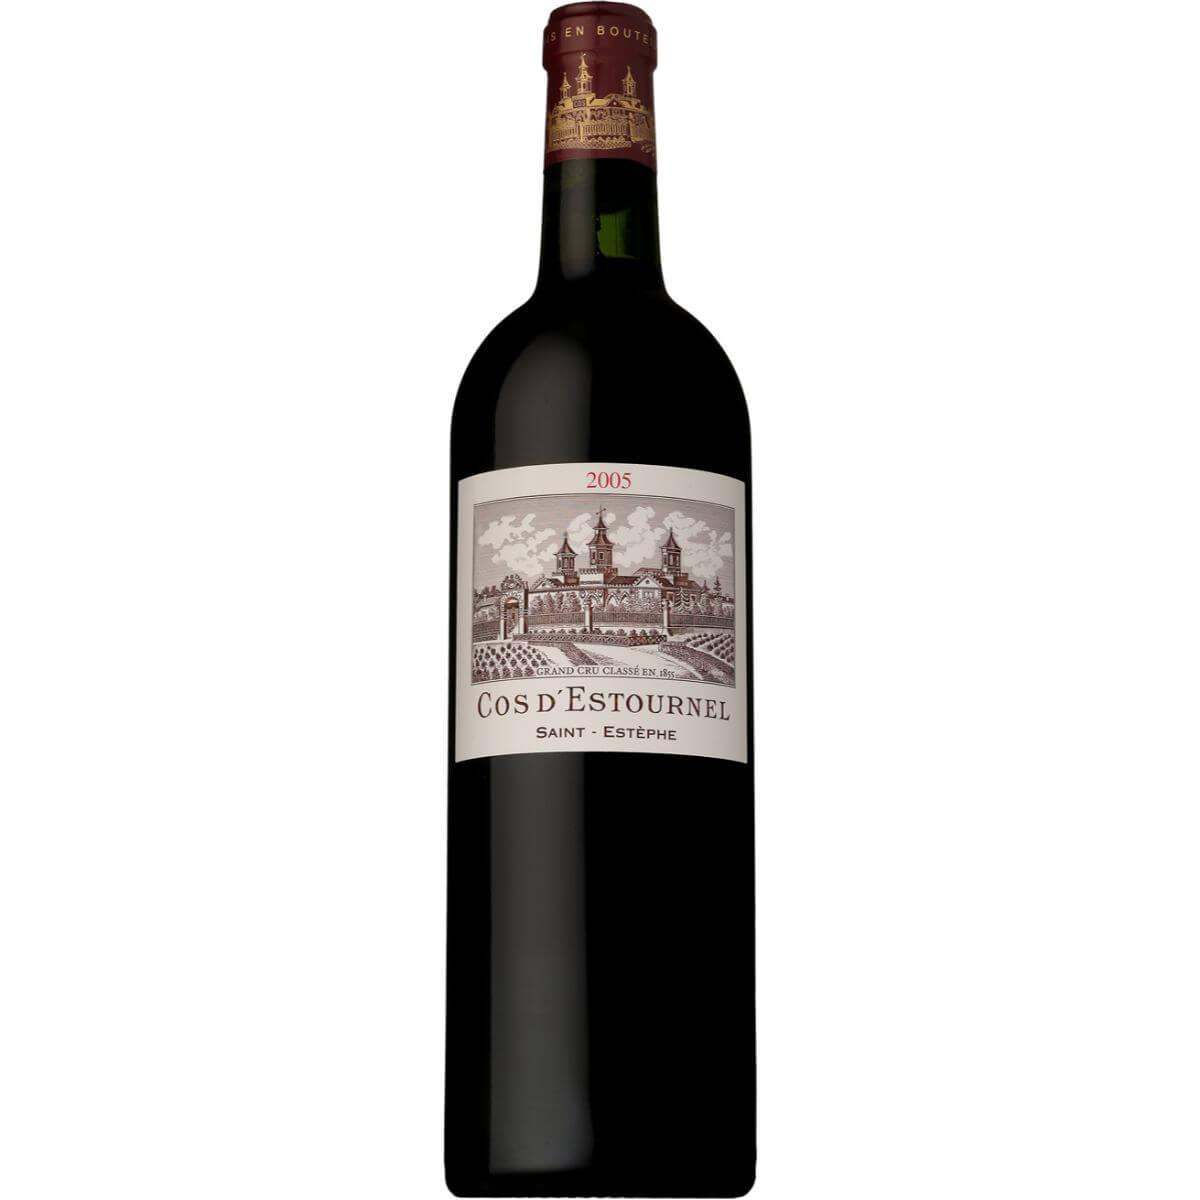 ■【お取寄せ】 シャトー コス デストゥールネル[2005] [ ワイン 赤ワイン フランスワイン ボルドーワイン ]